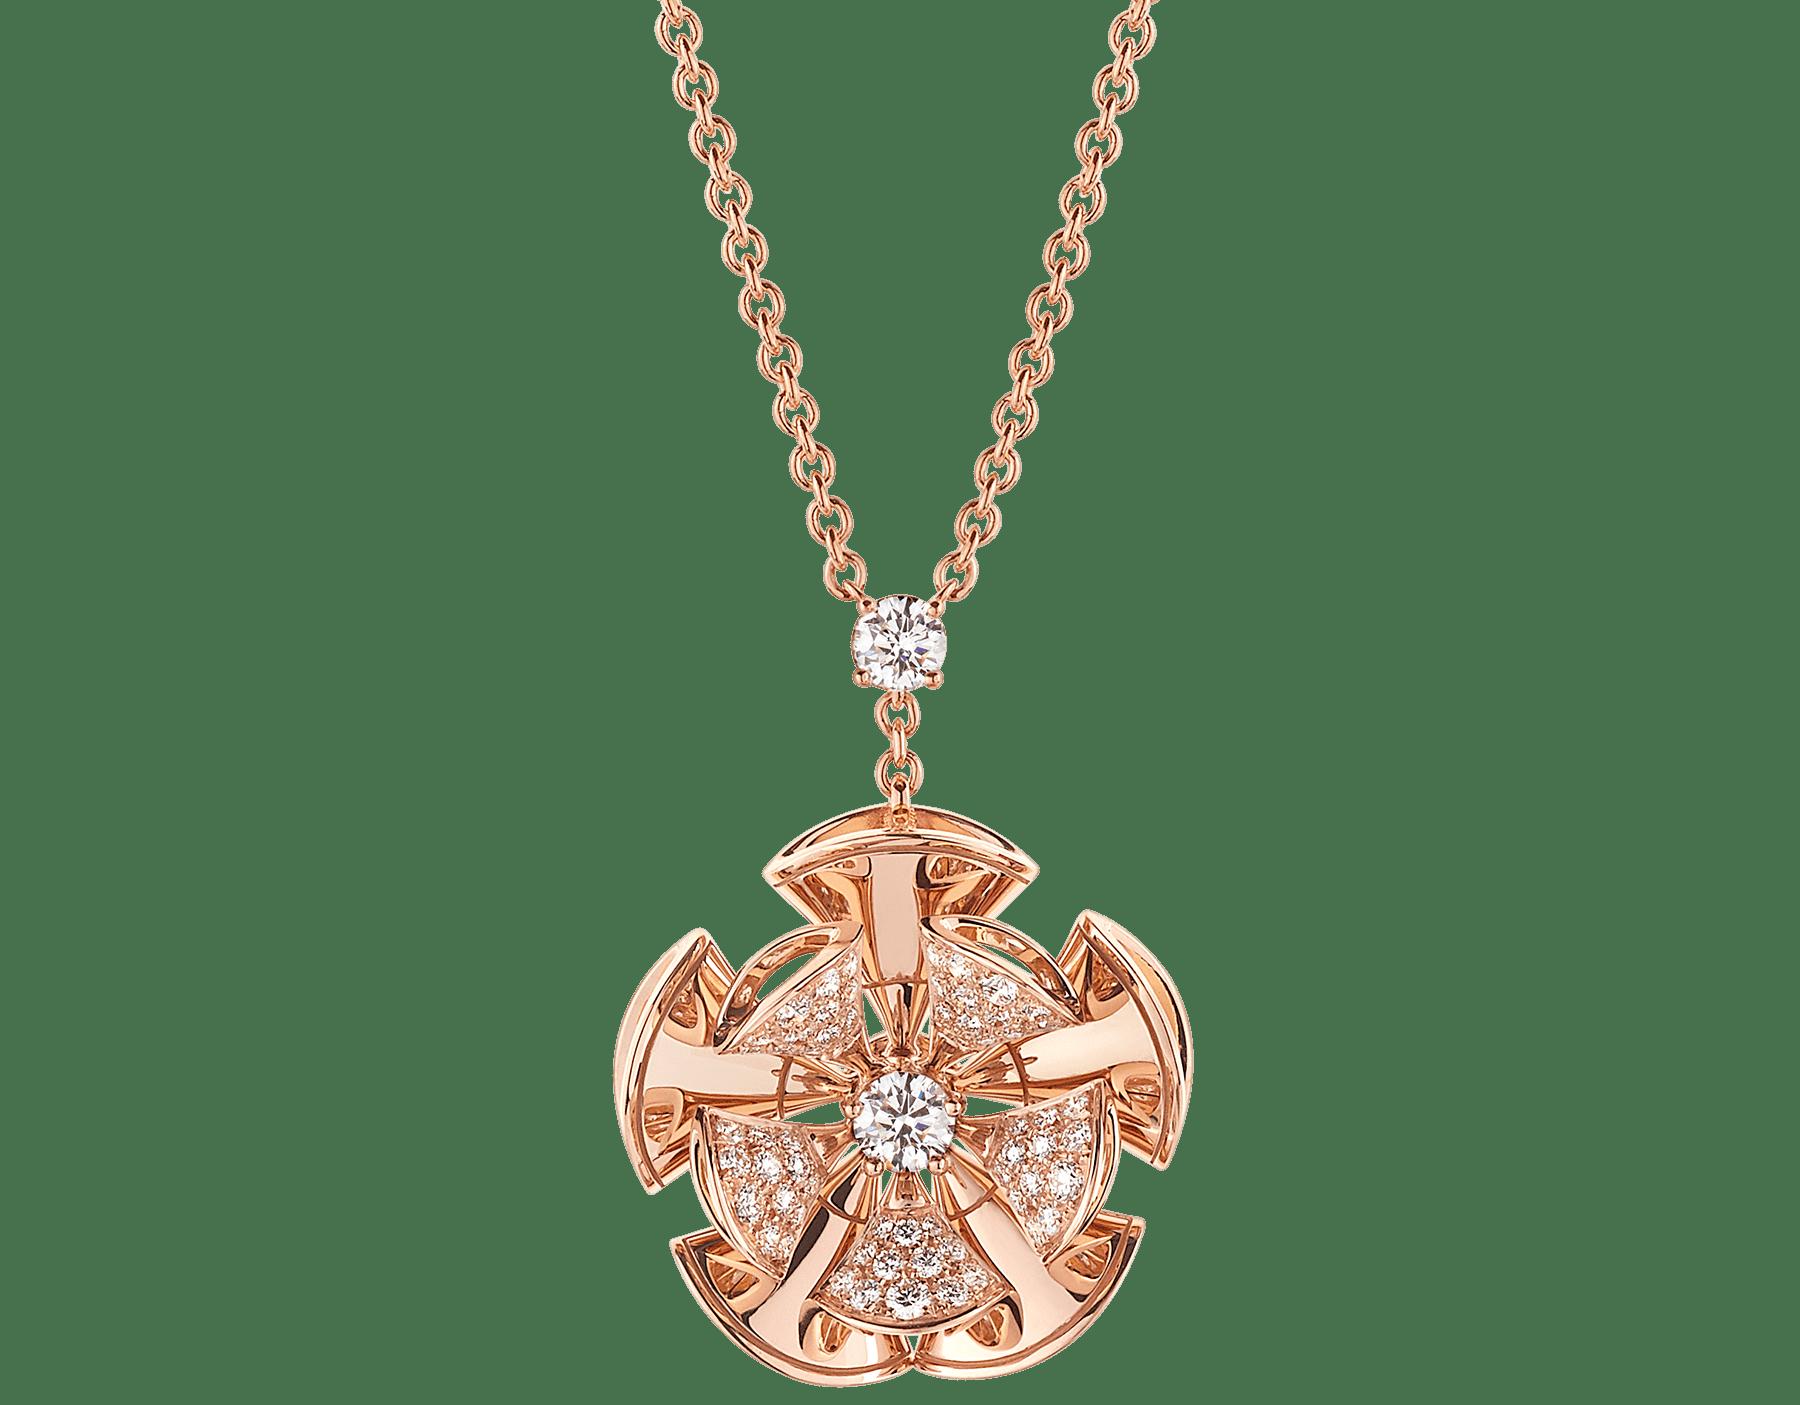 Resplandecendo com a elegância floral de pétalas de ouro rosa e diamantes cravejados, o colar DIVAS' DREAM reina supremo no jardim do glamour. 350783 image 1